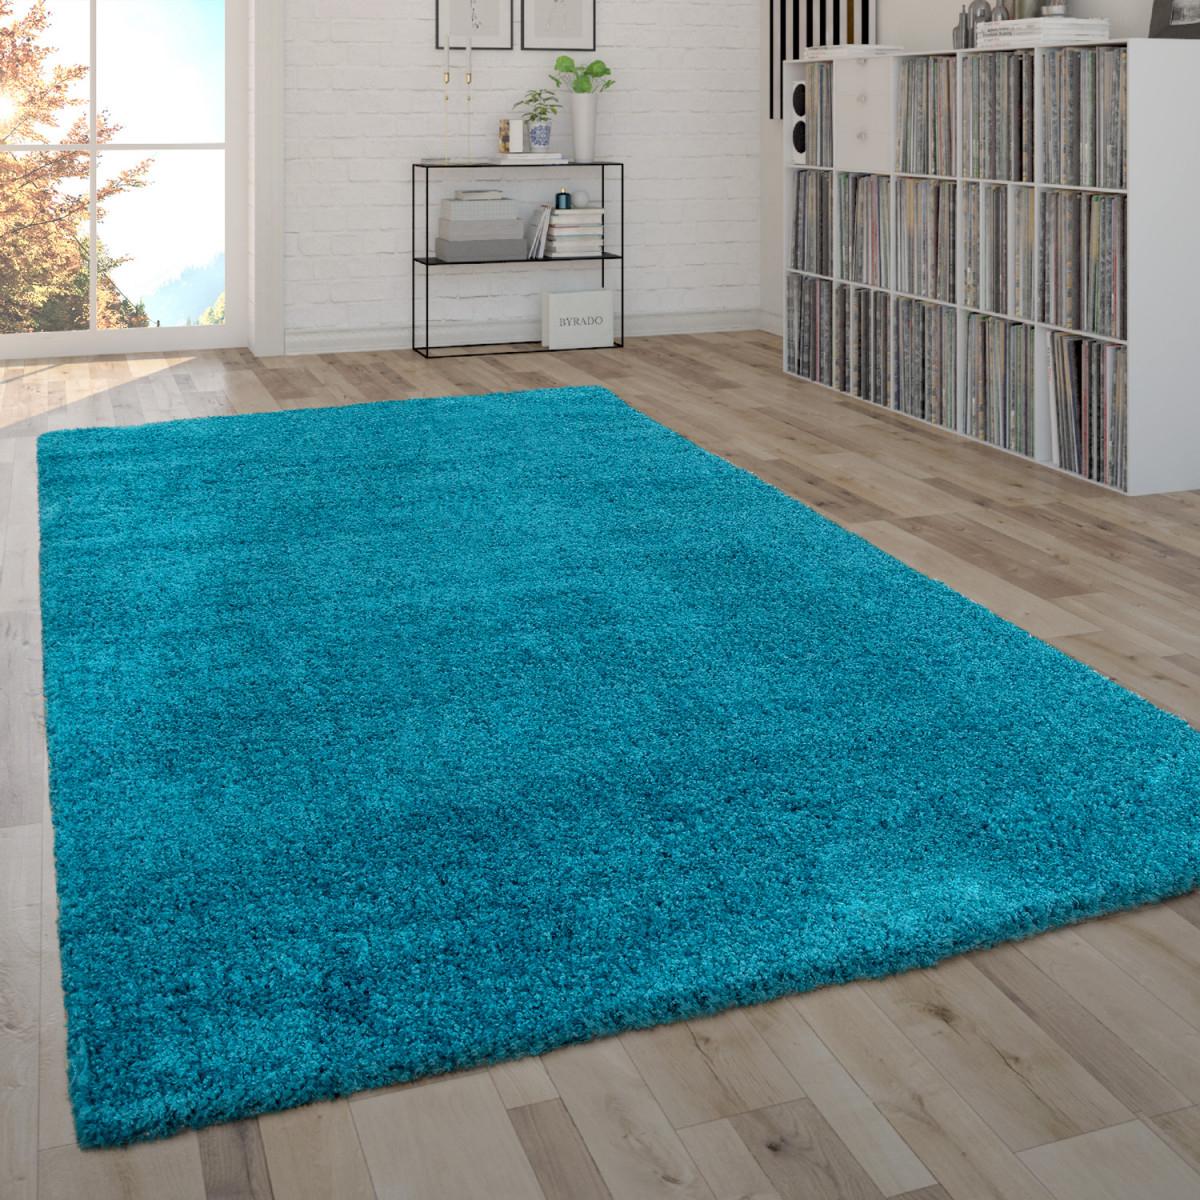 Hochflorteppich Shaggyteppich Moderner Wohnzimmerteppich In Türkis von Wohnzimmer Teppich Türkis Bild